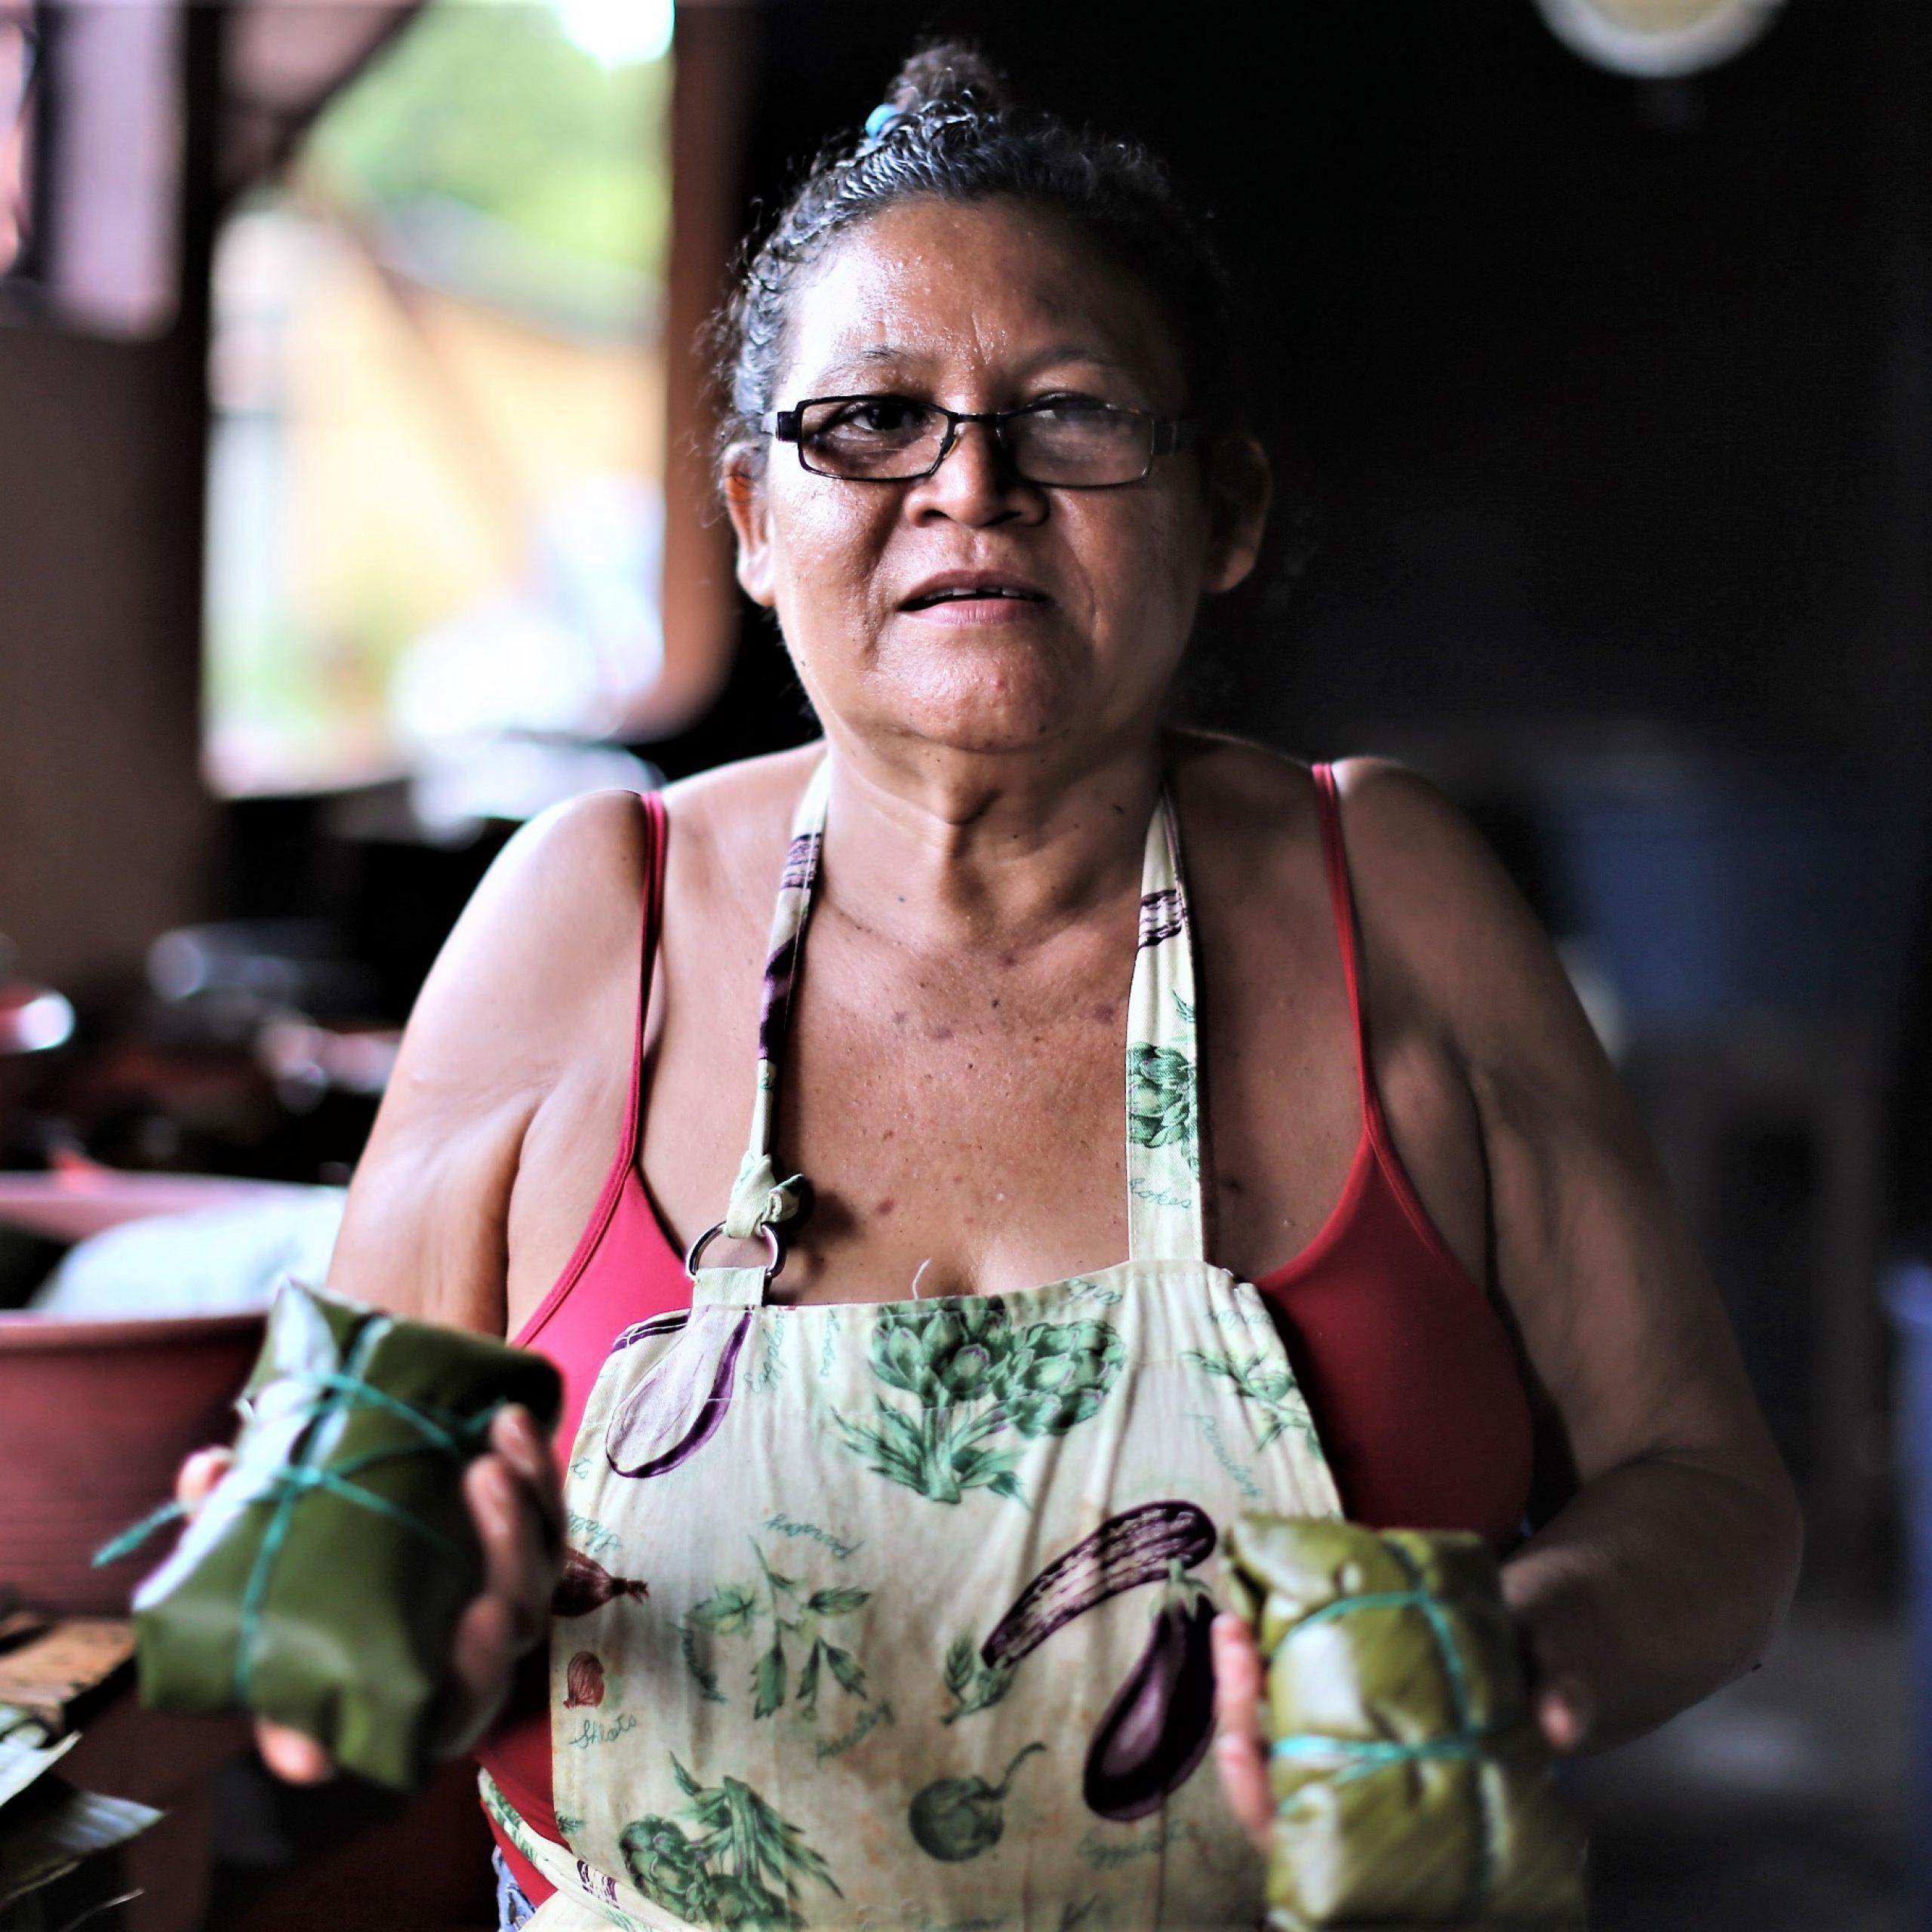 La Mejor Opción para la gorra Mariana es: Nacatamales Bendición de Dios